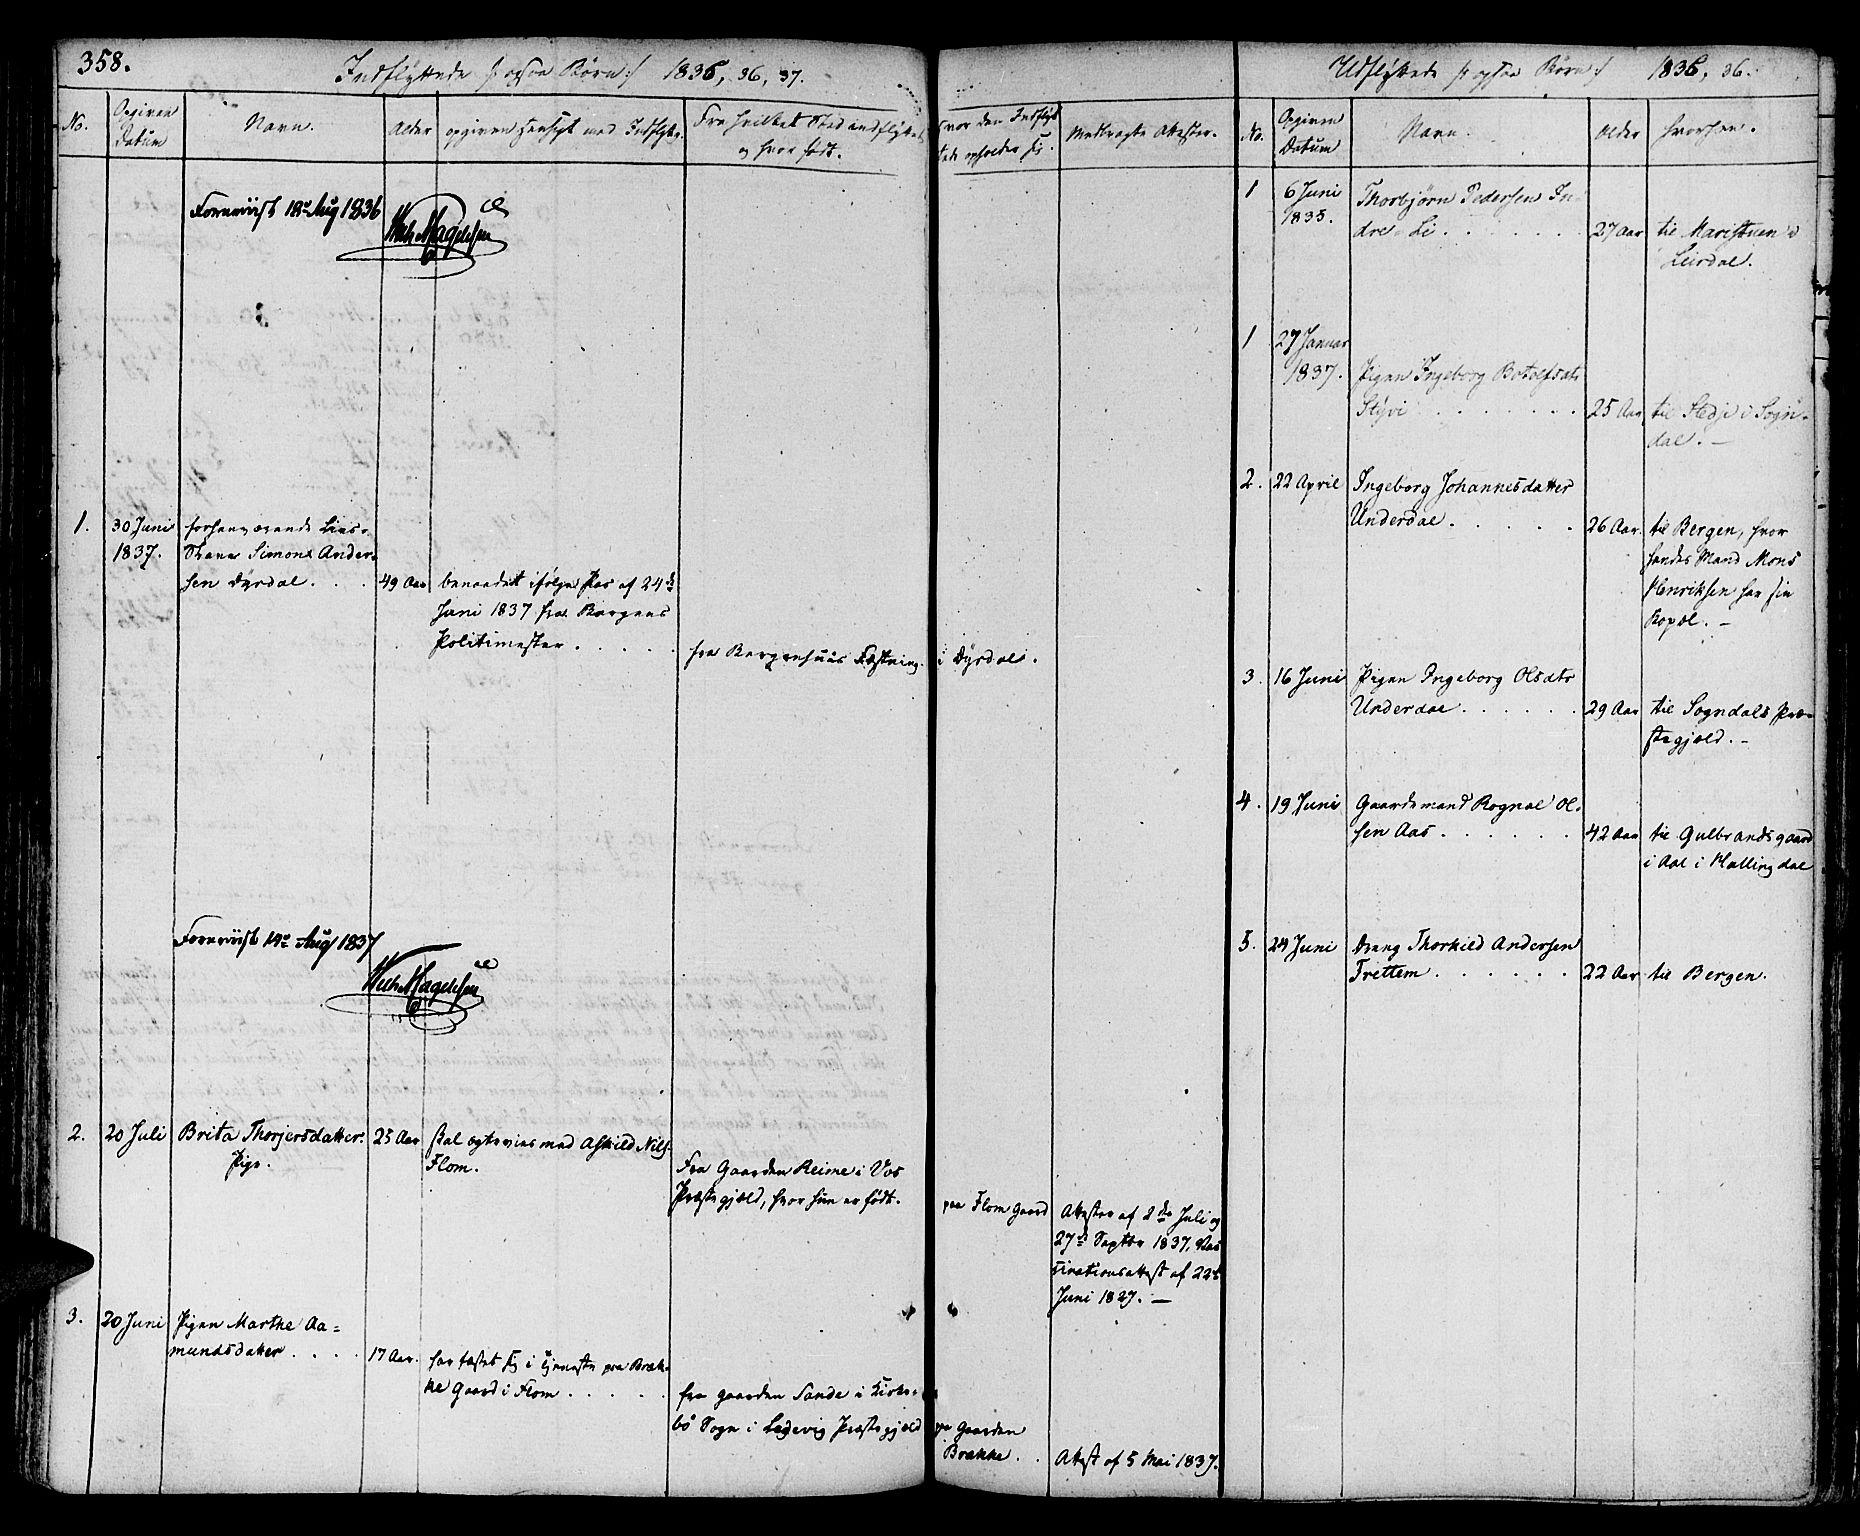 SAB, Aurland Sokneprestembete*, Ministerialbok nr. A 6, 1821-1859, s. 358